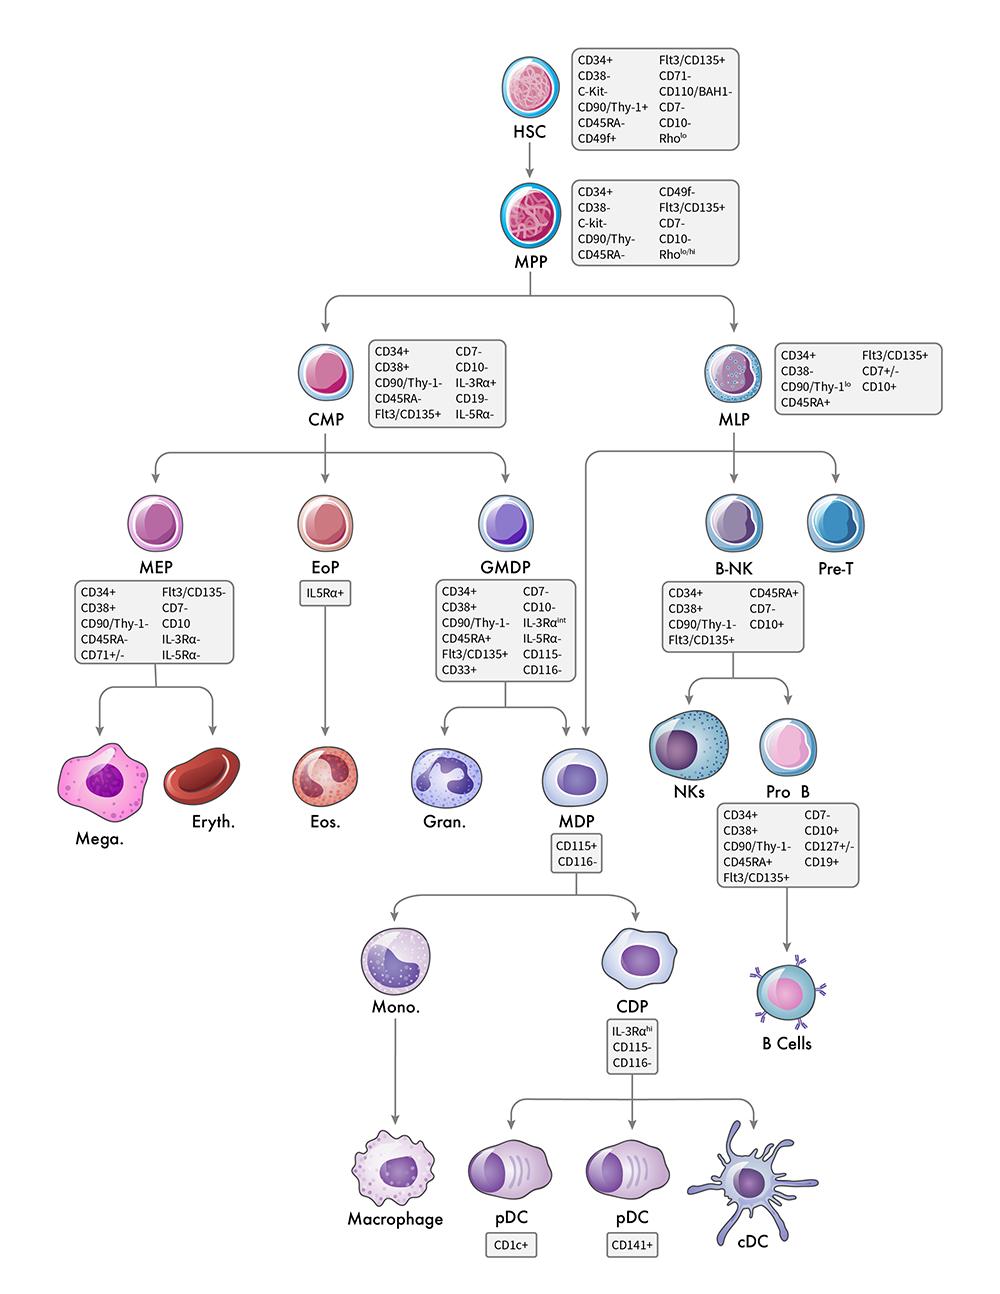 Hematopoeitic Hierarchy